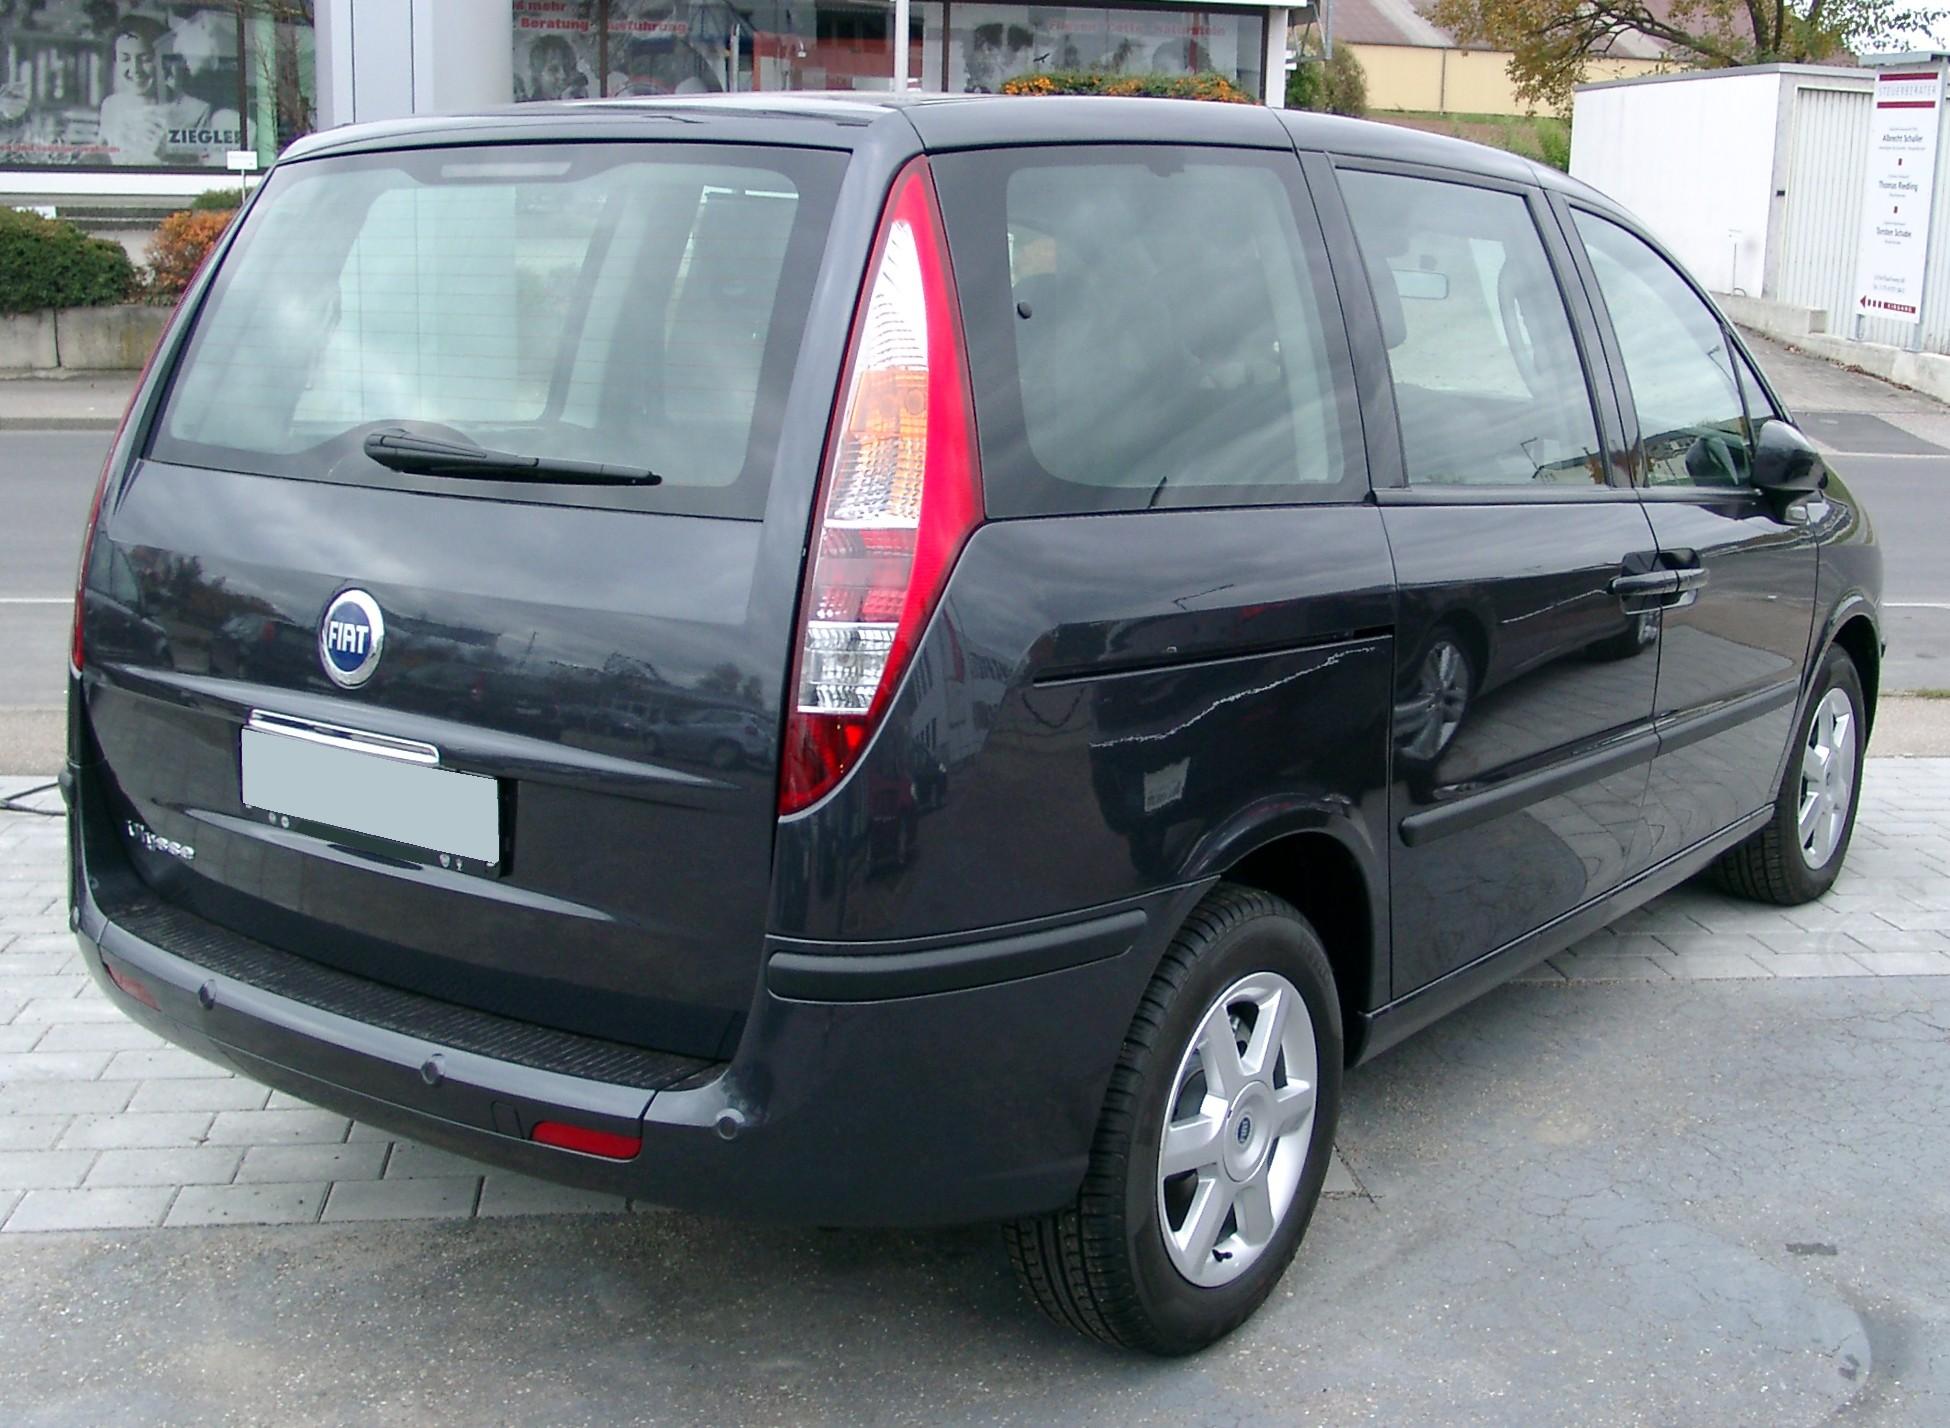 Fiat Ulysse 2007 Photo - 1